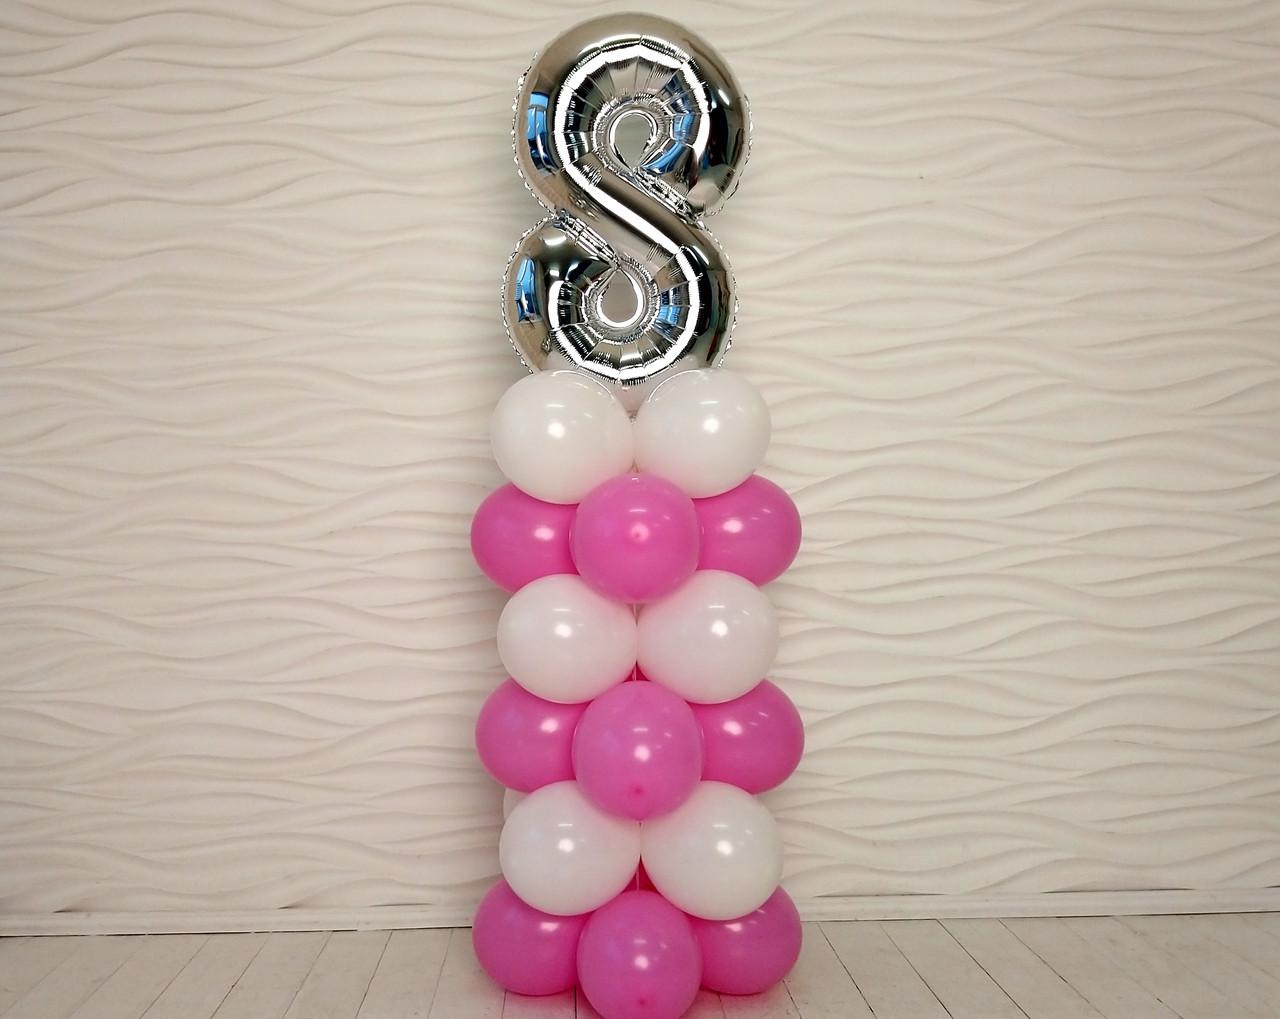 """Композиция с воздушных шариков """"Стойка с цифрой """"8"""" Насос в комплекте"""